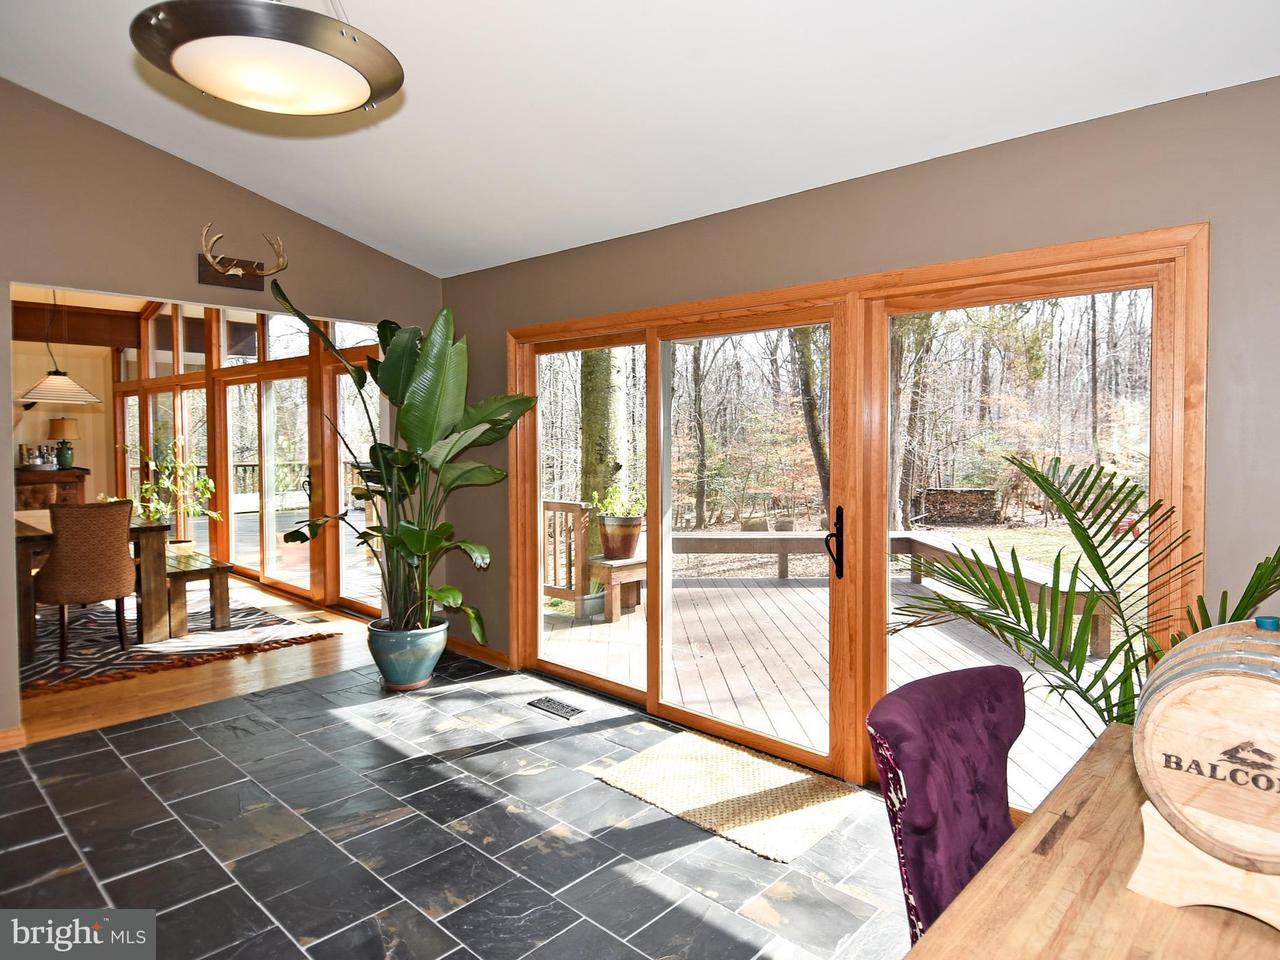 Частный односемейный дом для того Продажа на 1311 Laurel Drive 1311 Laurel Drive Accokeek, Мэриленд 20607 Соединенные Штаты